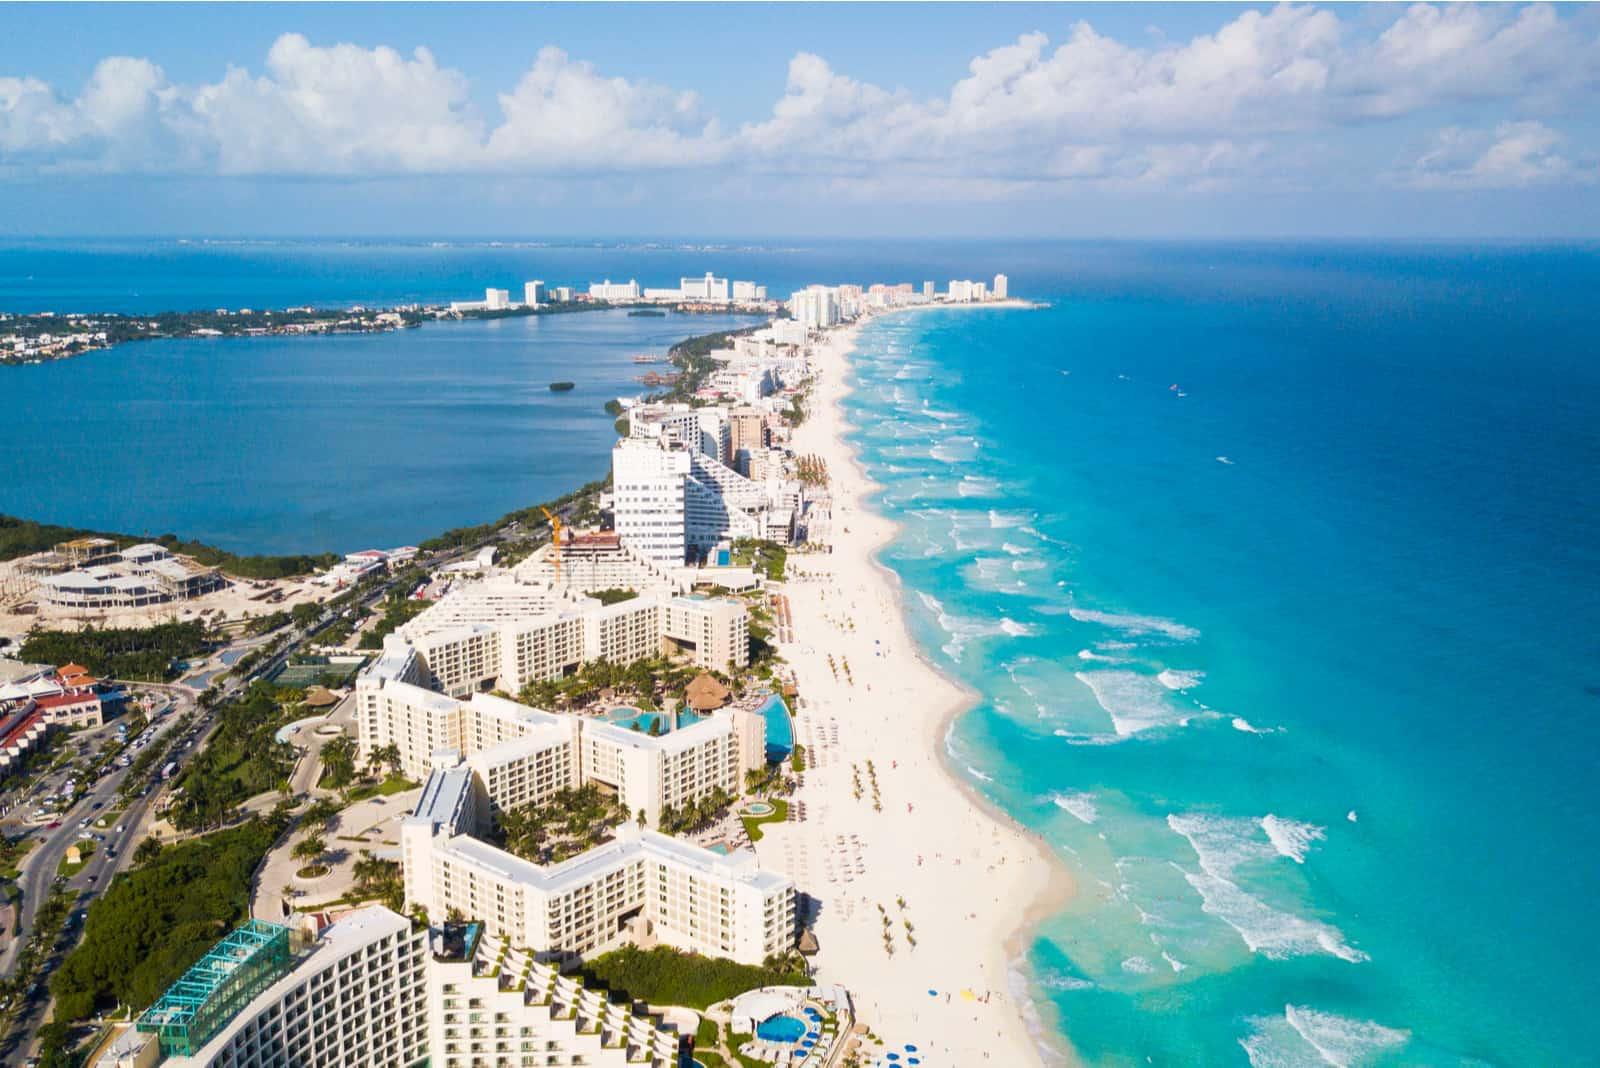 Ein Luftbild eines Strandes in Cancun, Mexiko